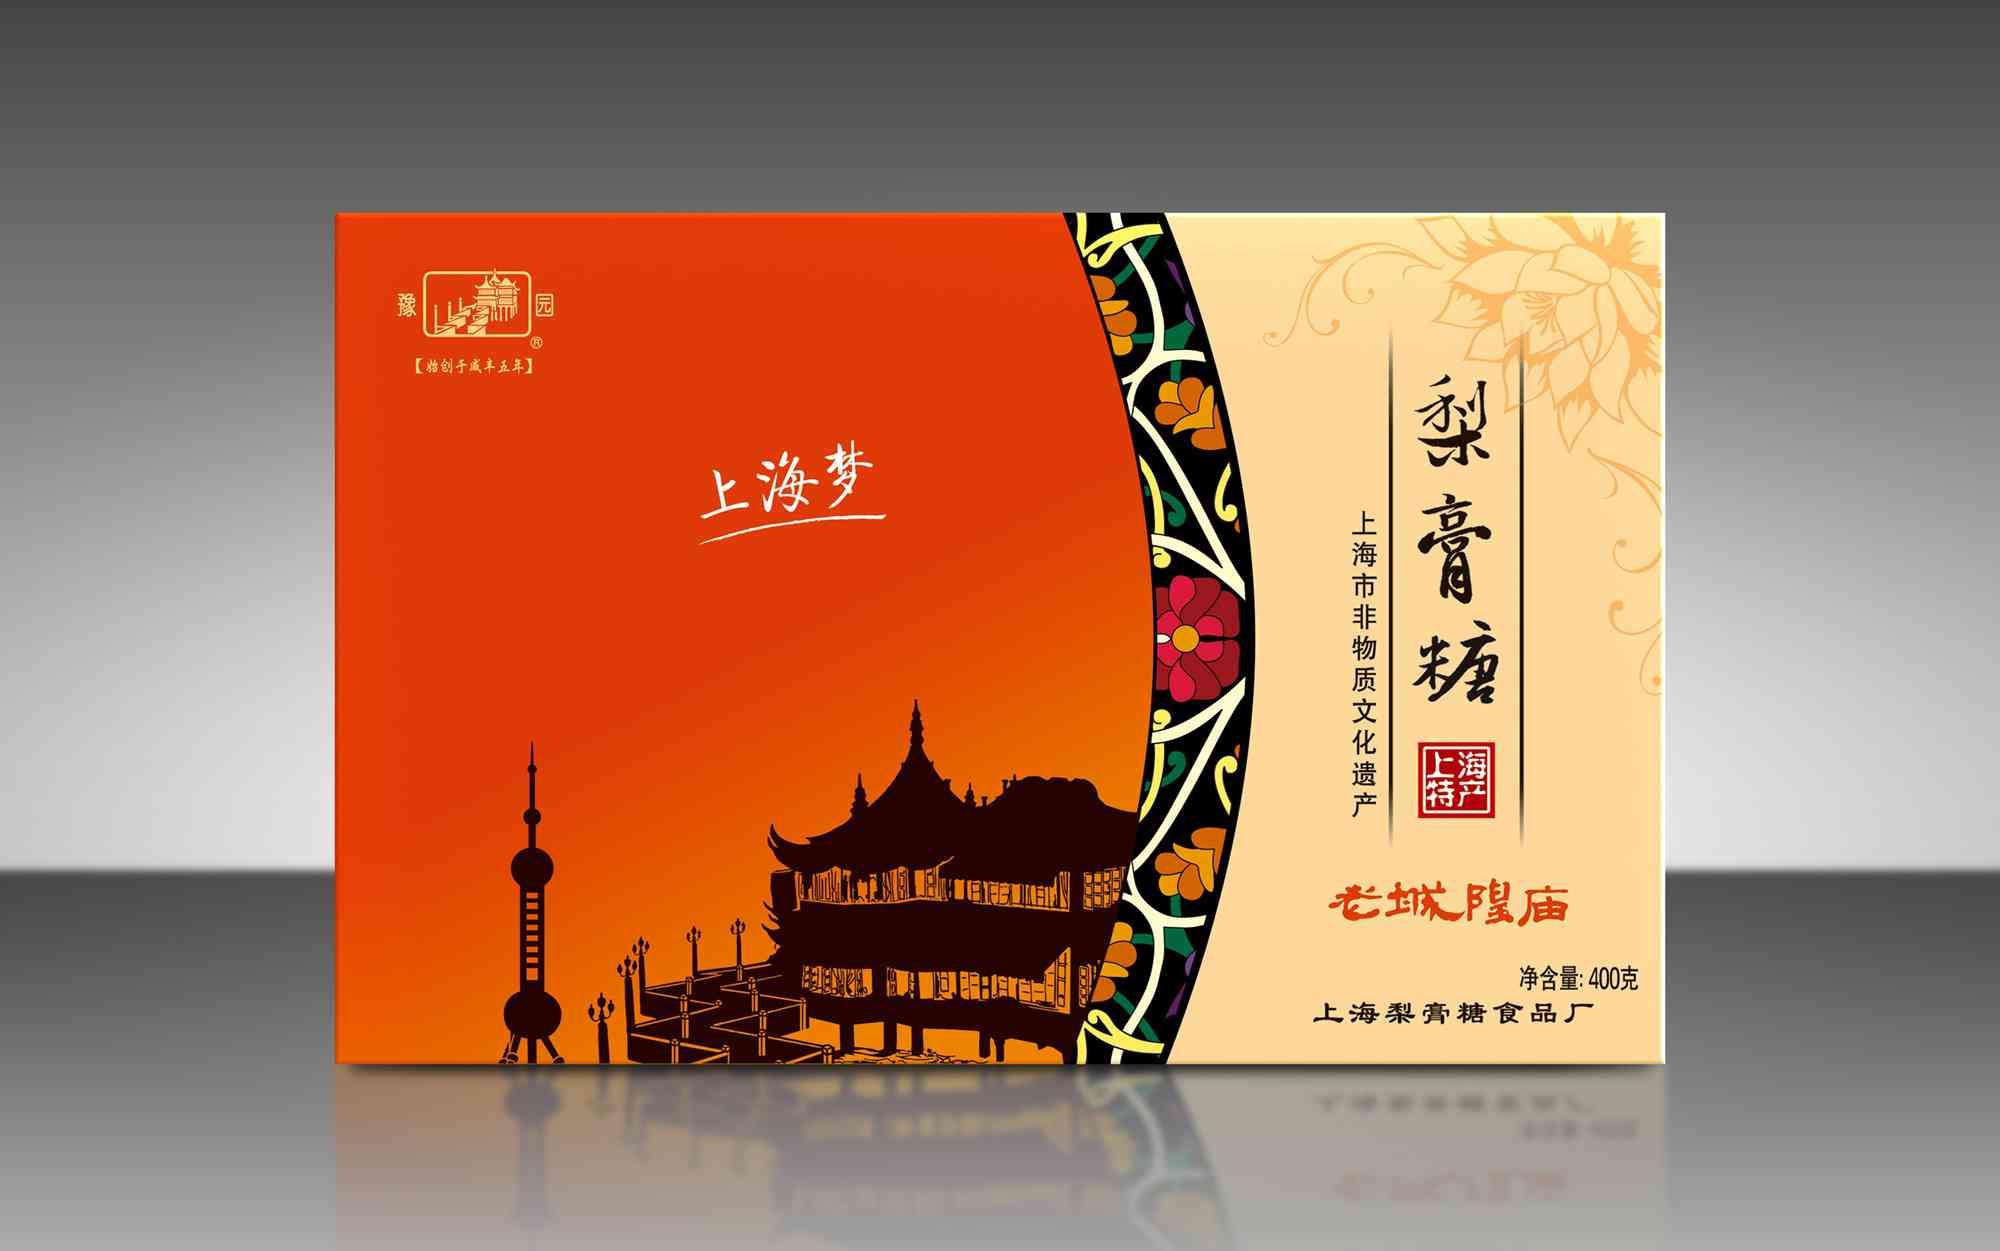 包装 包装设计 设计 2000_1251